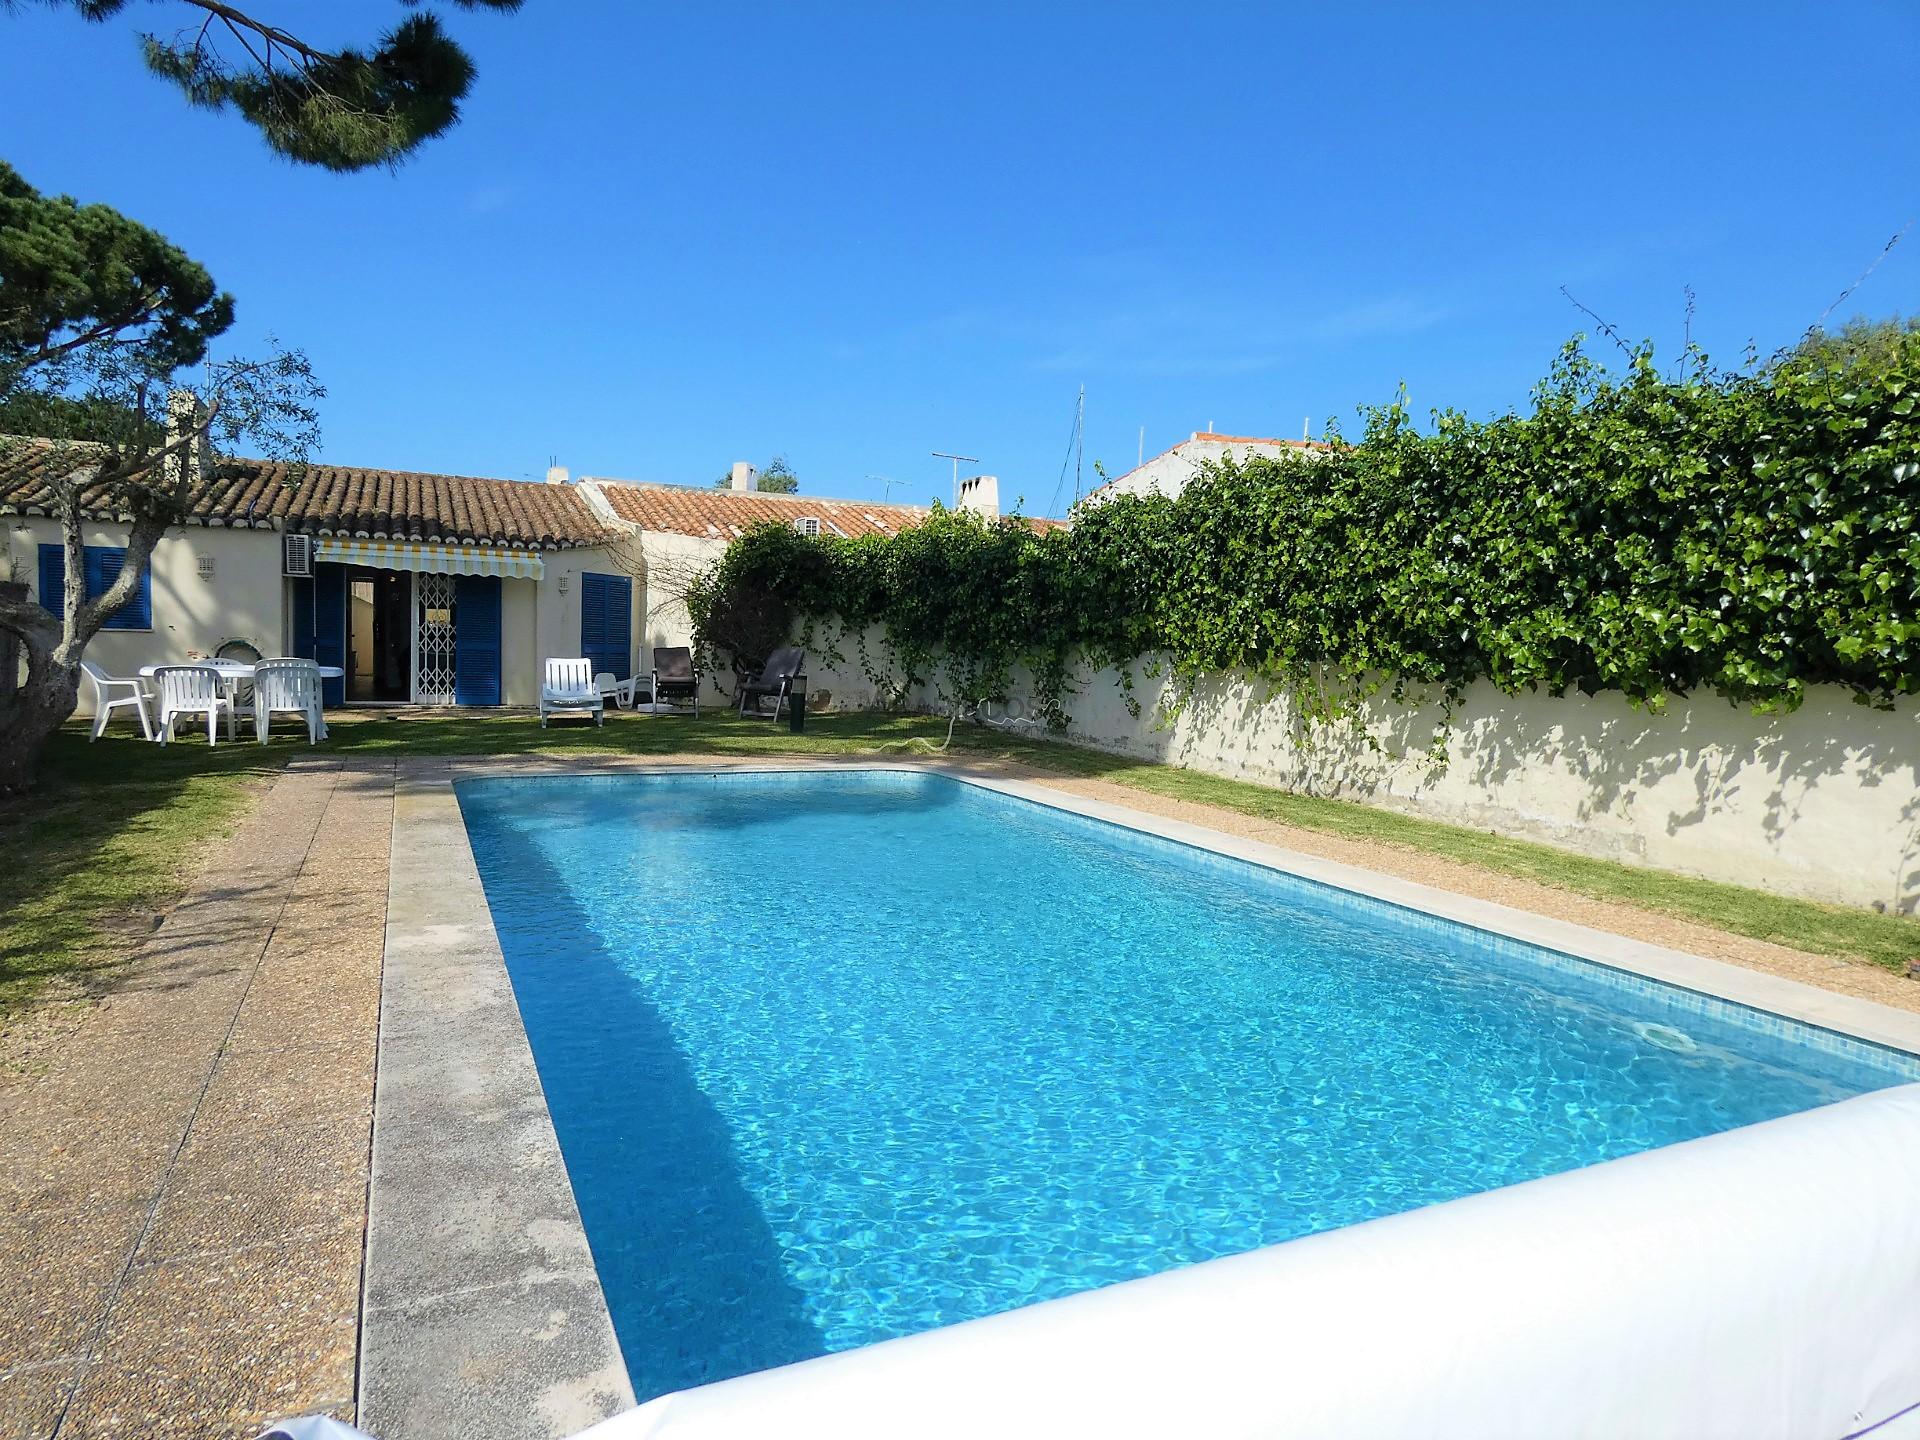 Casa T2 - Bemposta - Piscina - Giardino - Algarve